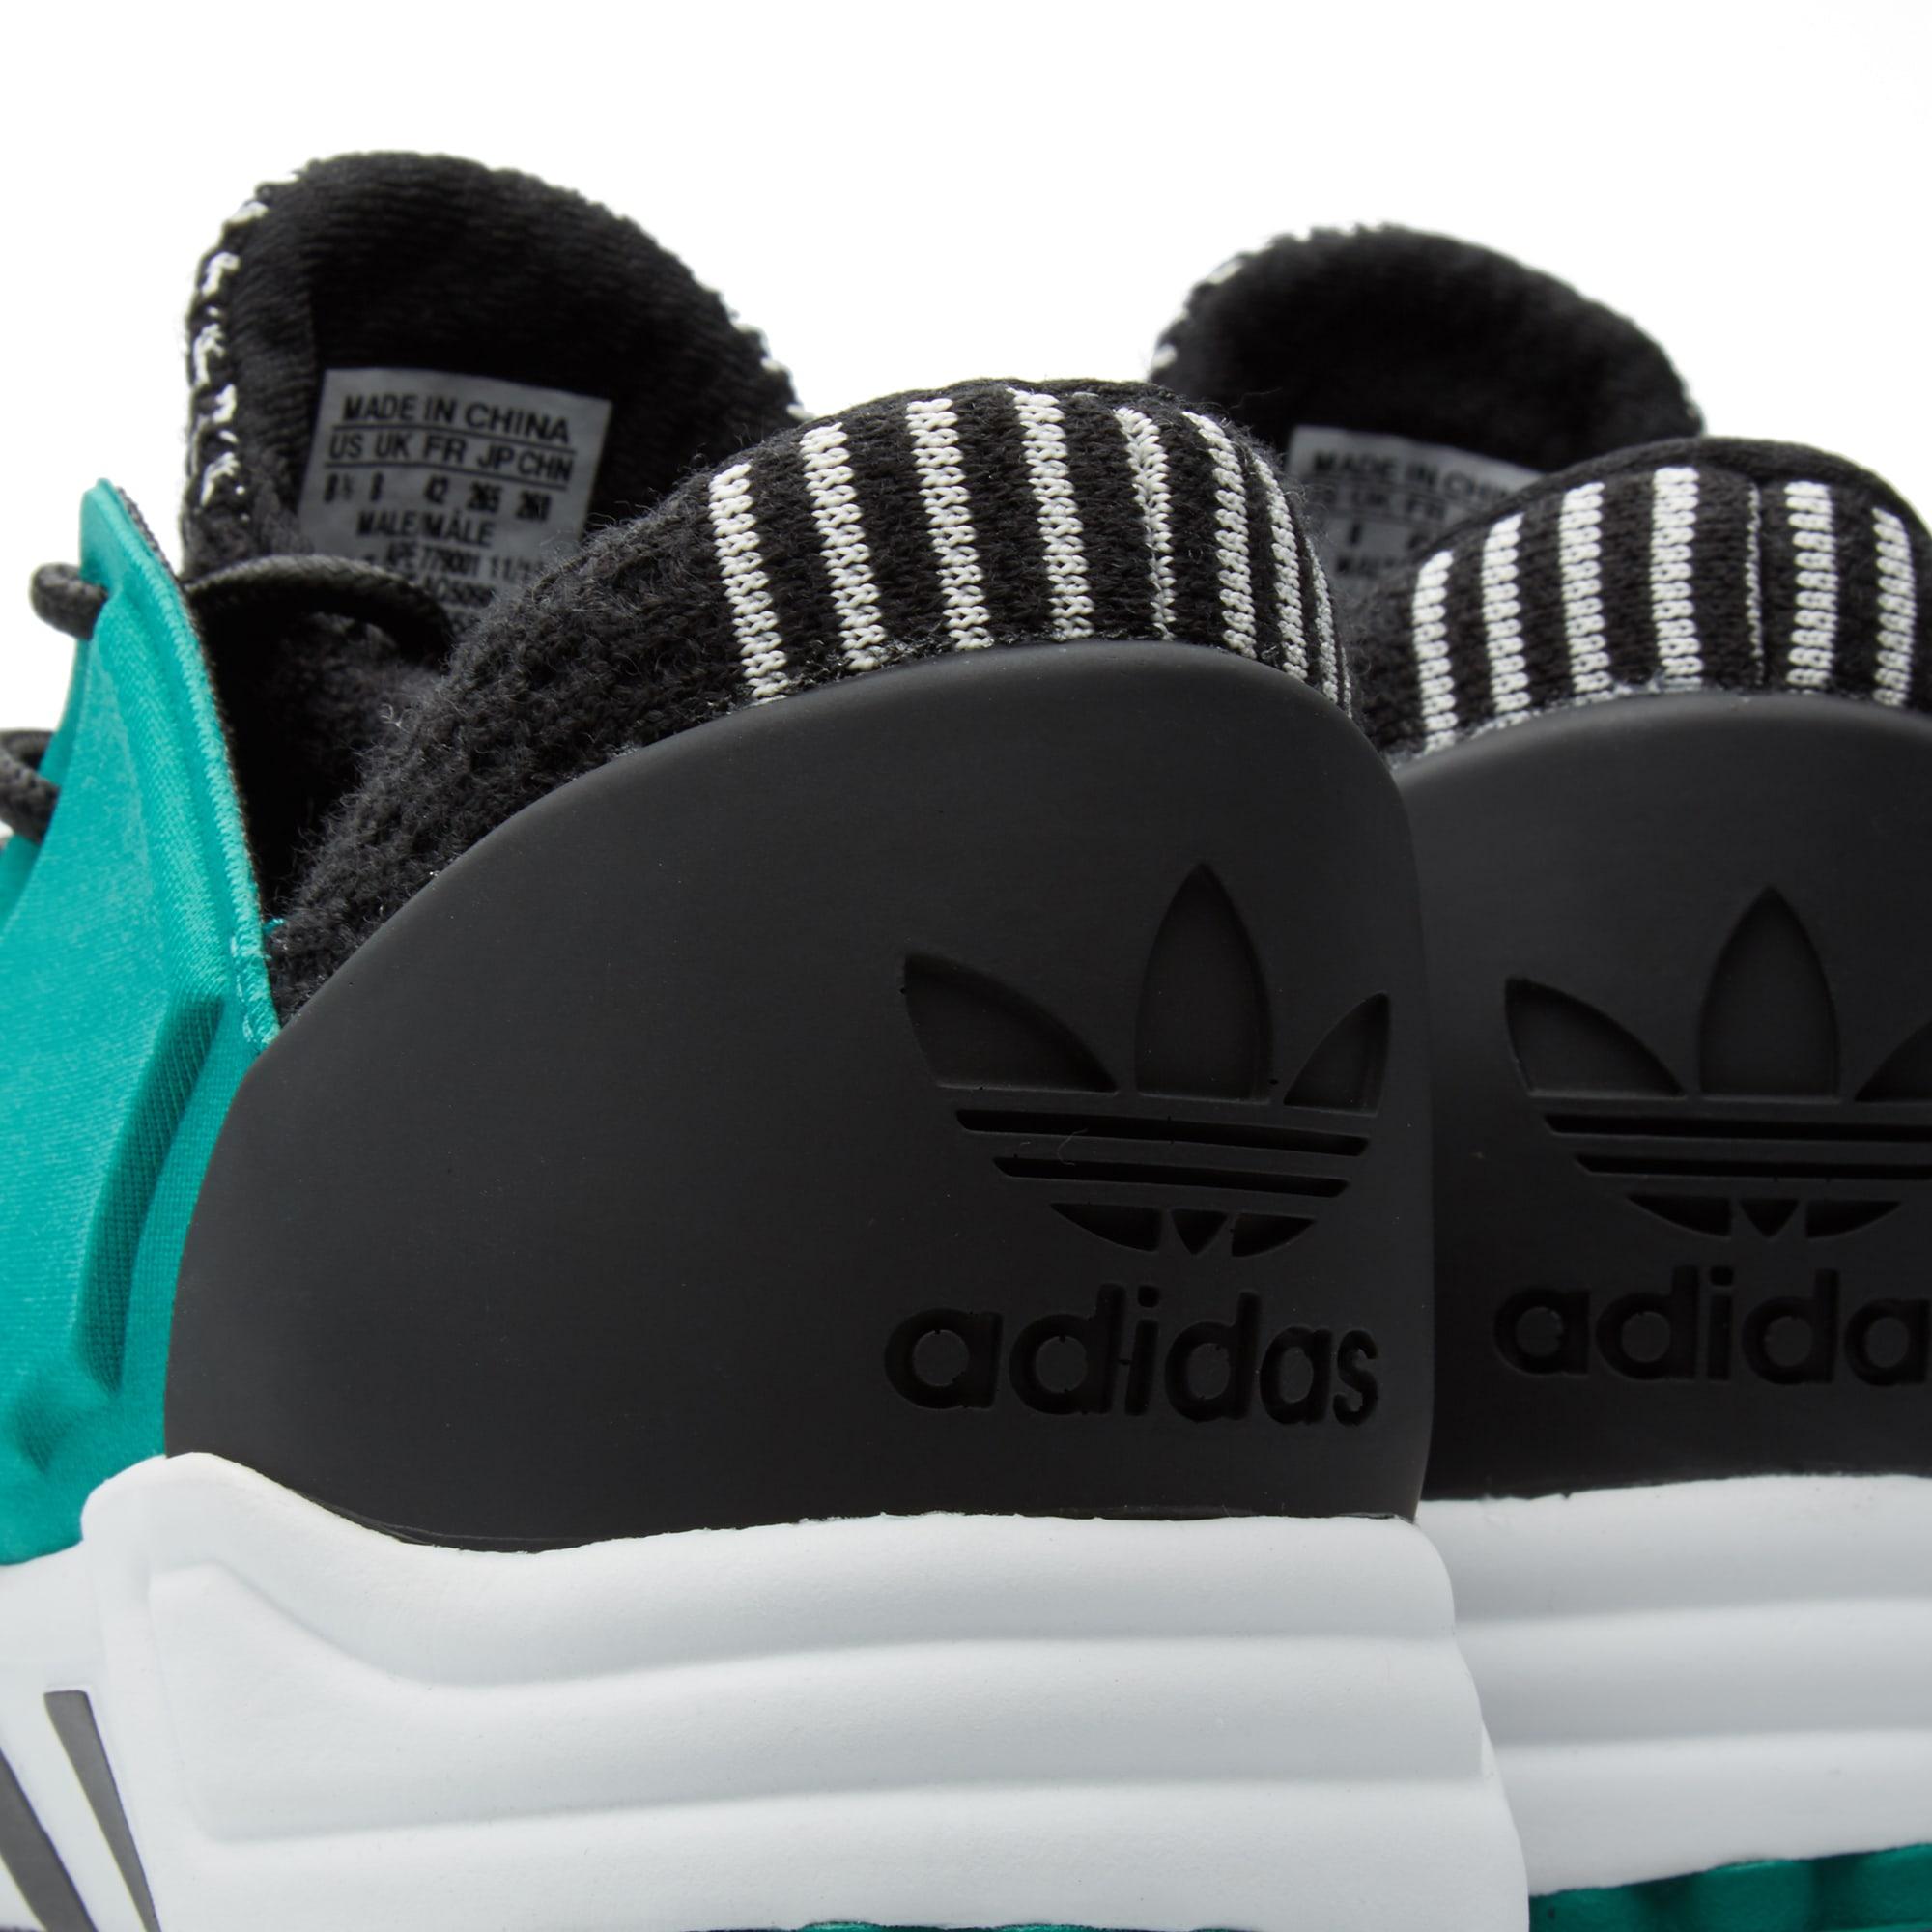 84c980b748f16 Adidas 1 3 F15 OG Black